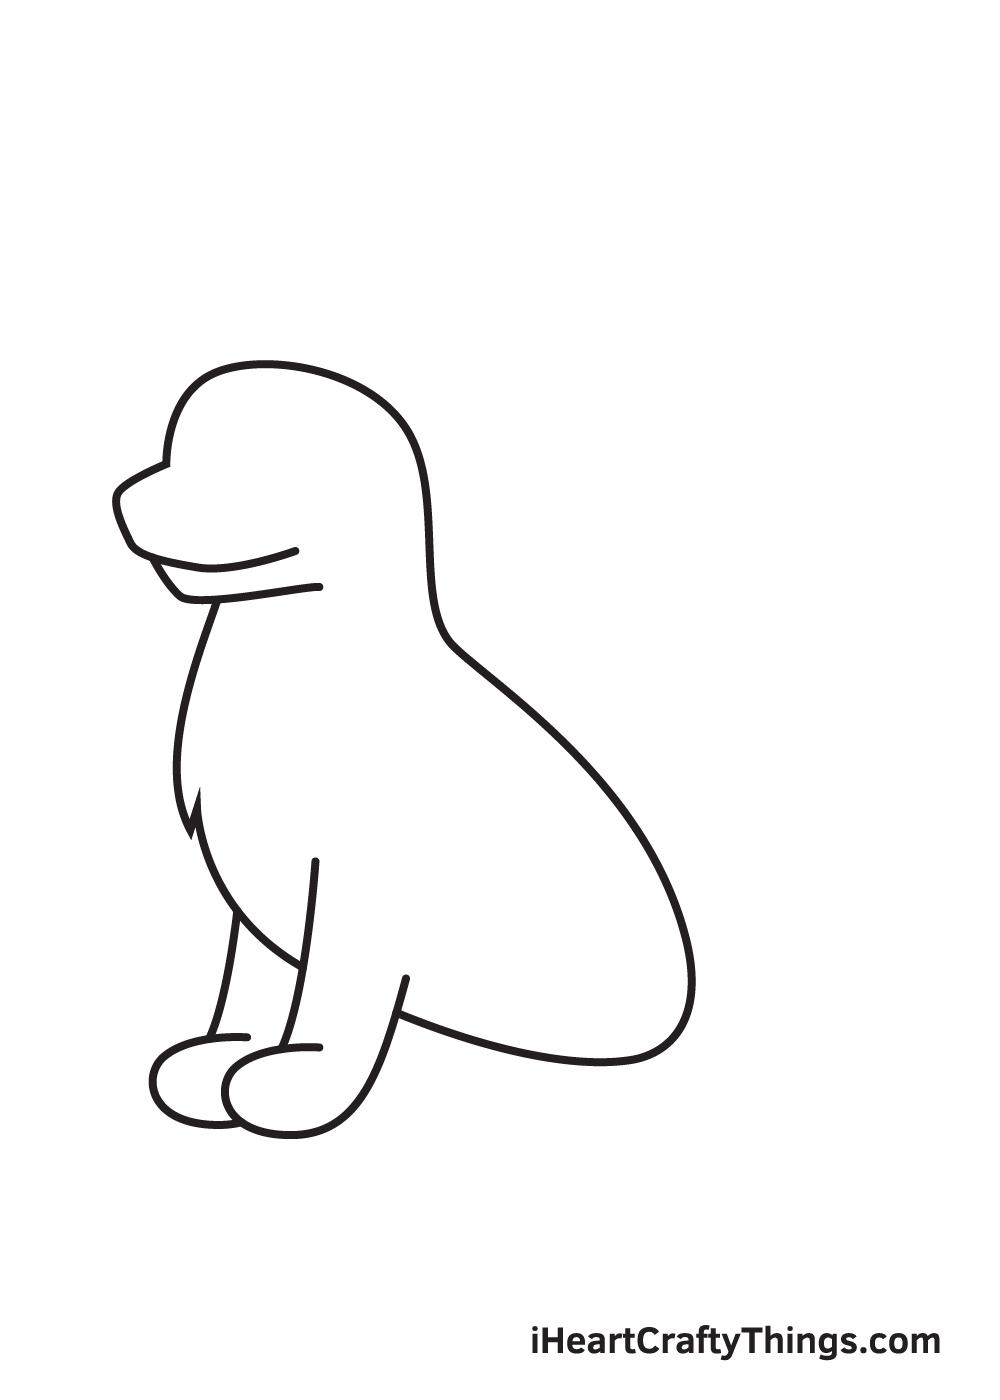 German Shepherd drawing - step 4